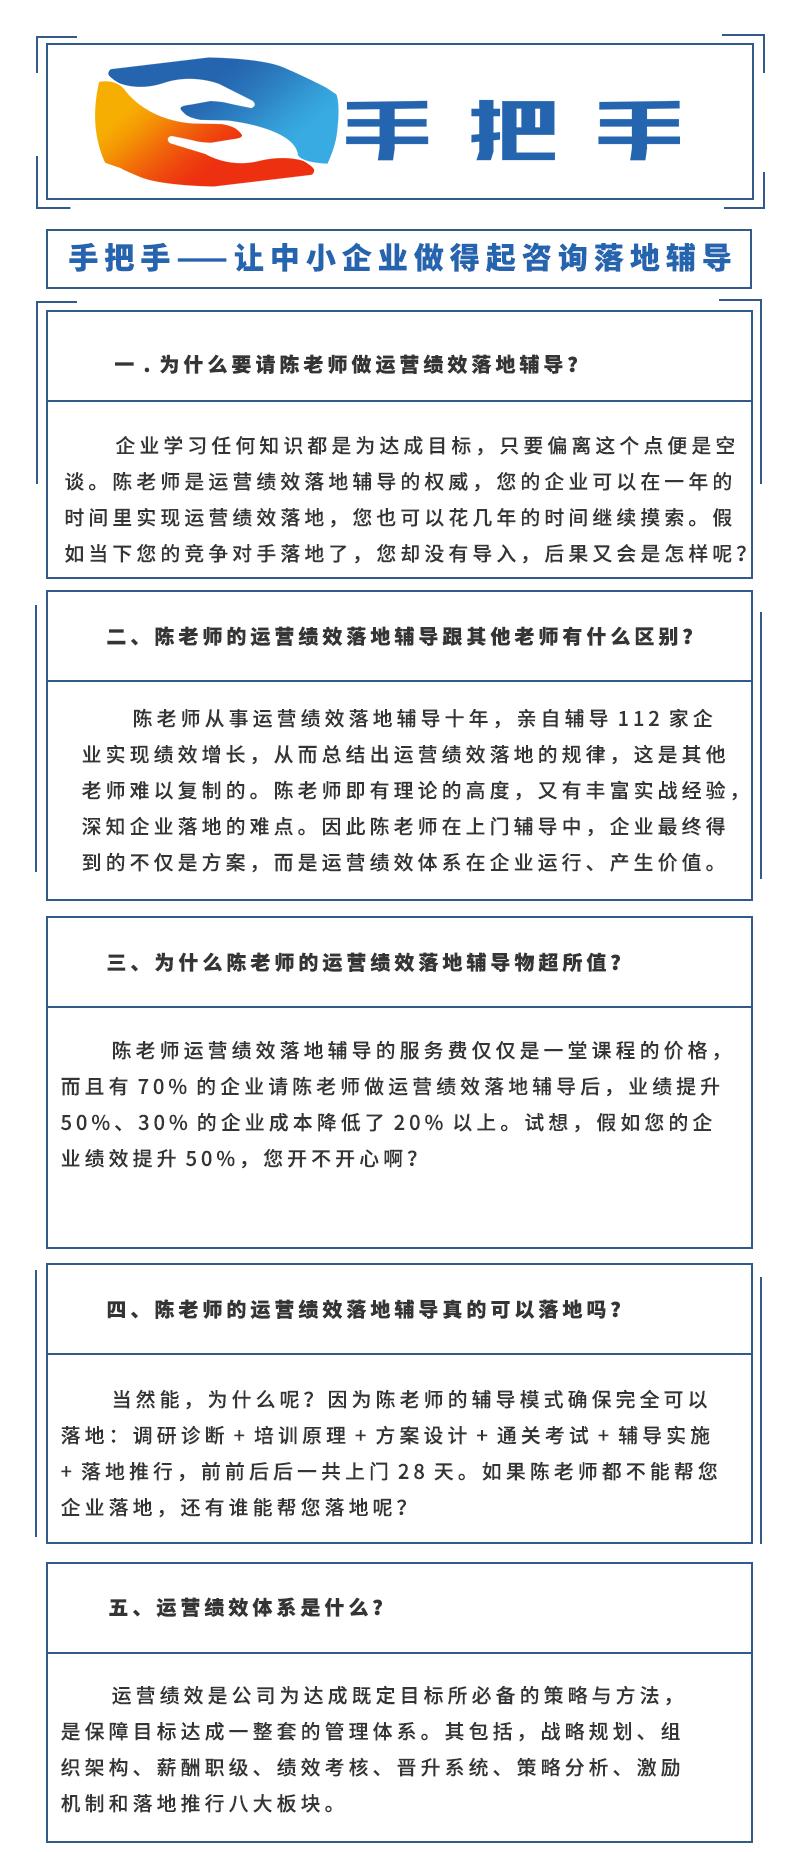 运营绩效落地上门辅导经典十问:(图1)